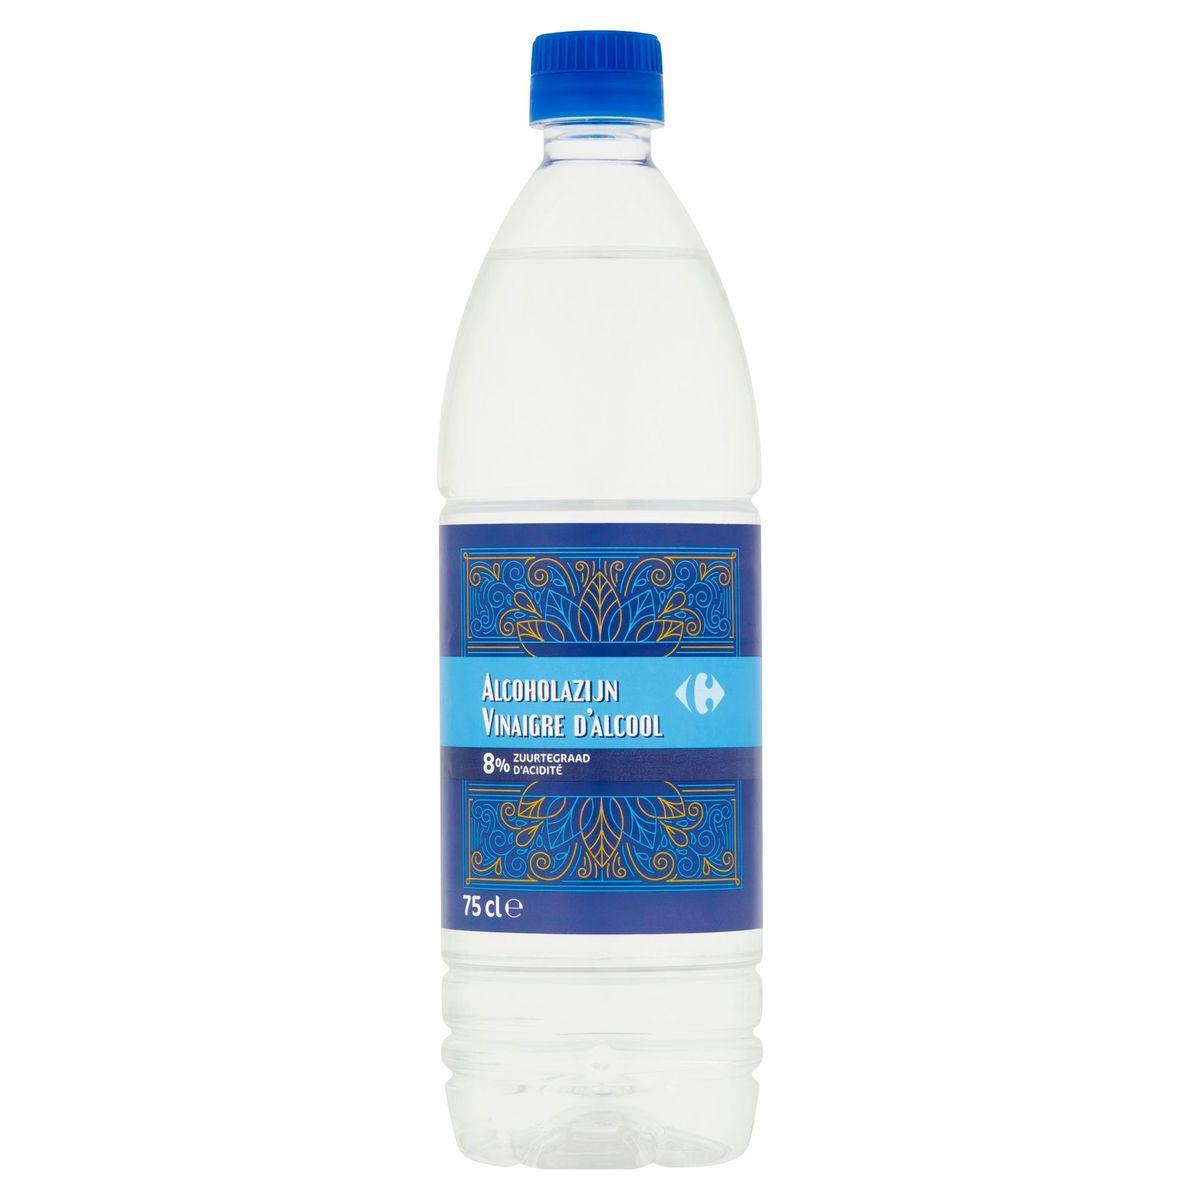 Carrefour Vinaigre d'Alcool 8% d'Acidité 75 cl